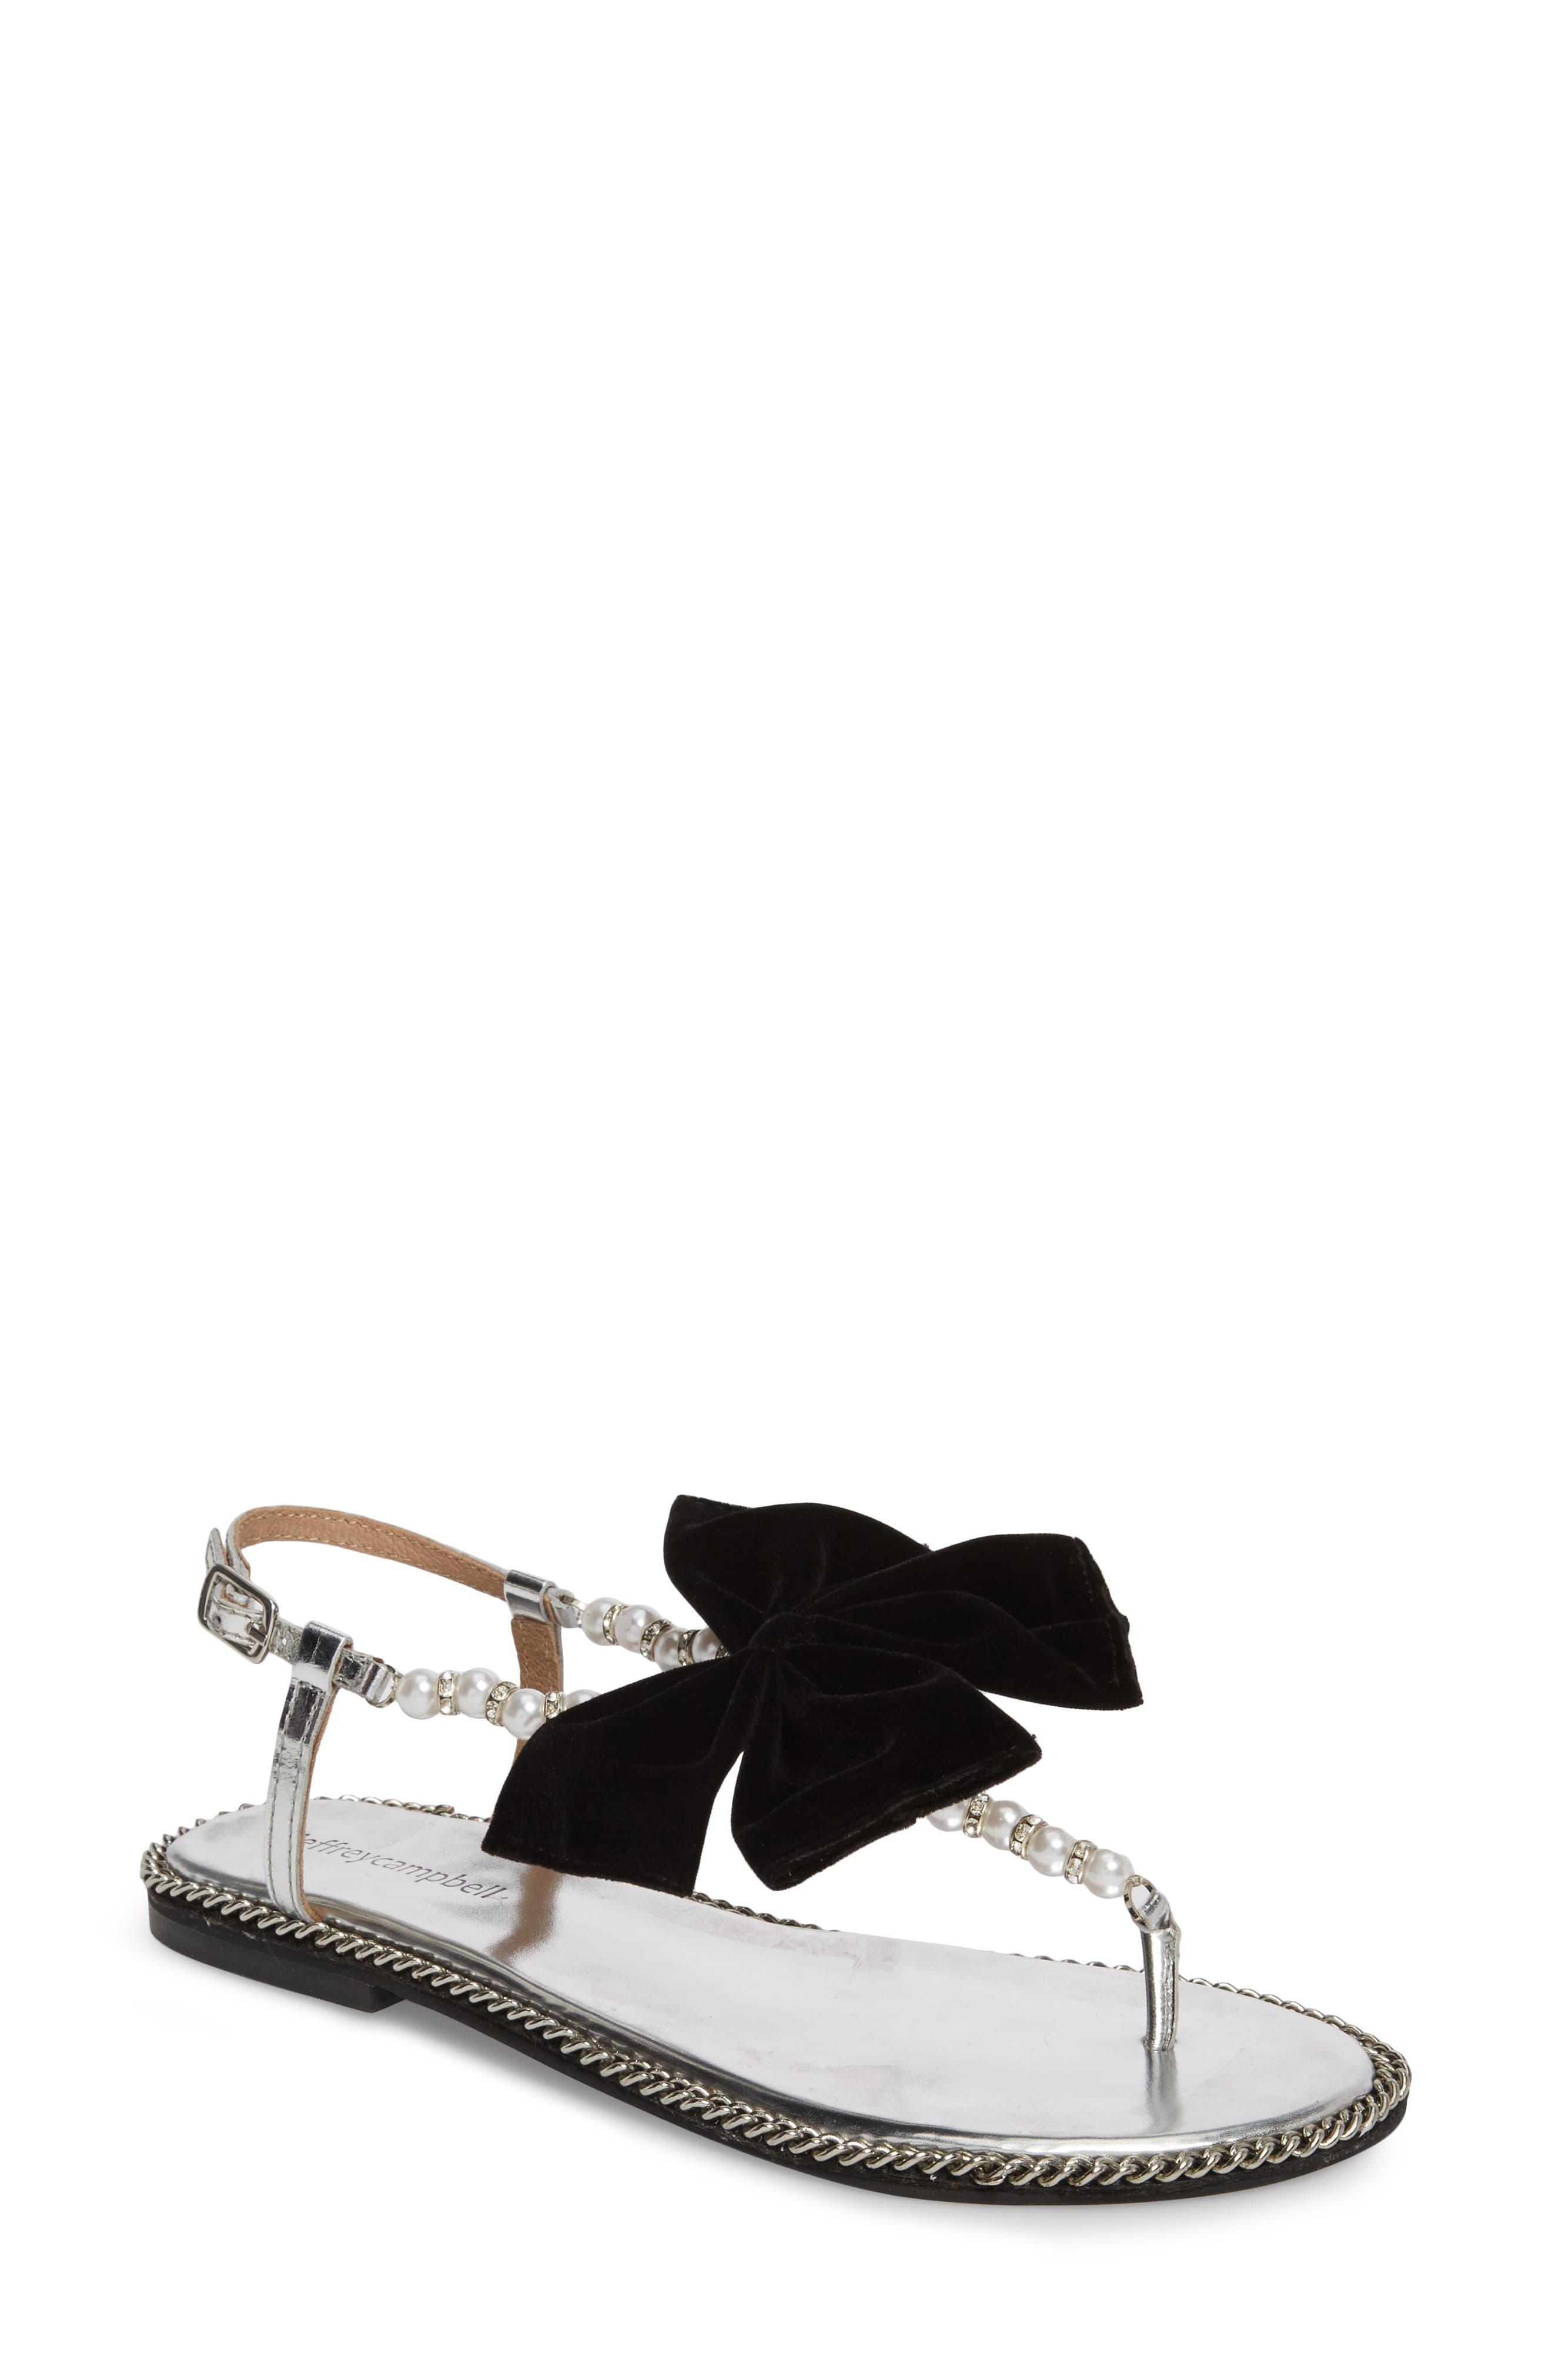 Adelisa Sandal,                         Main,                         color, Silver Black Velvet